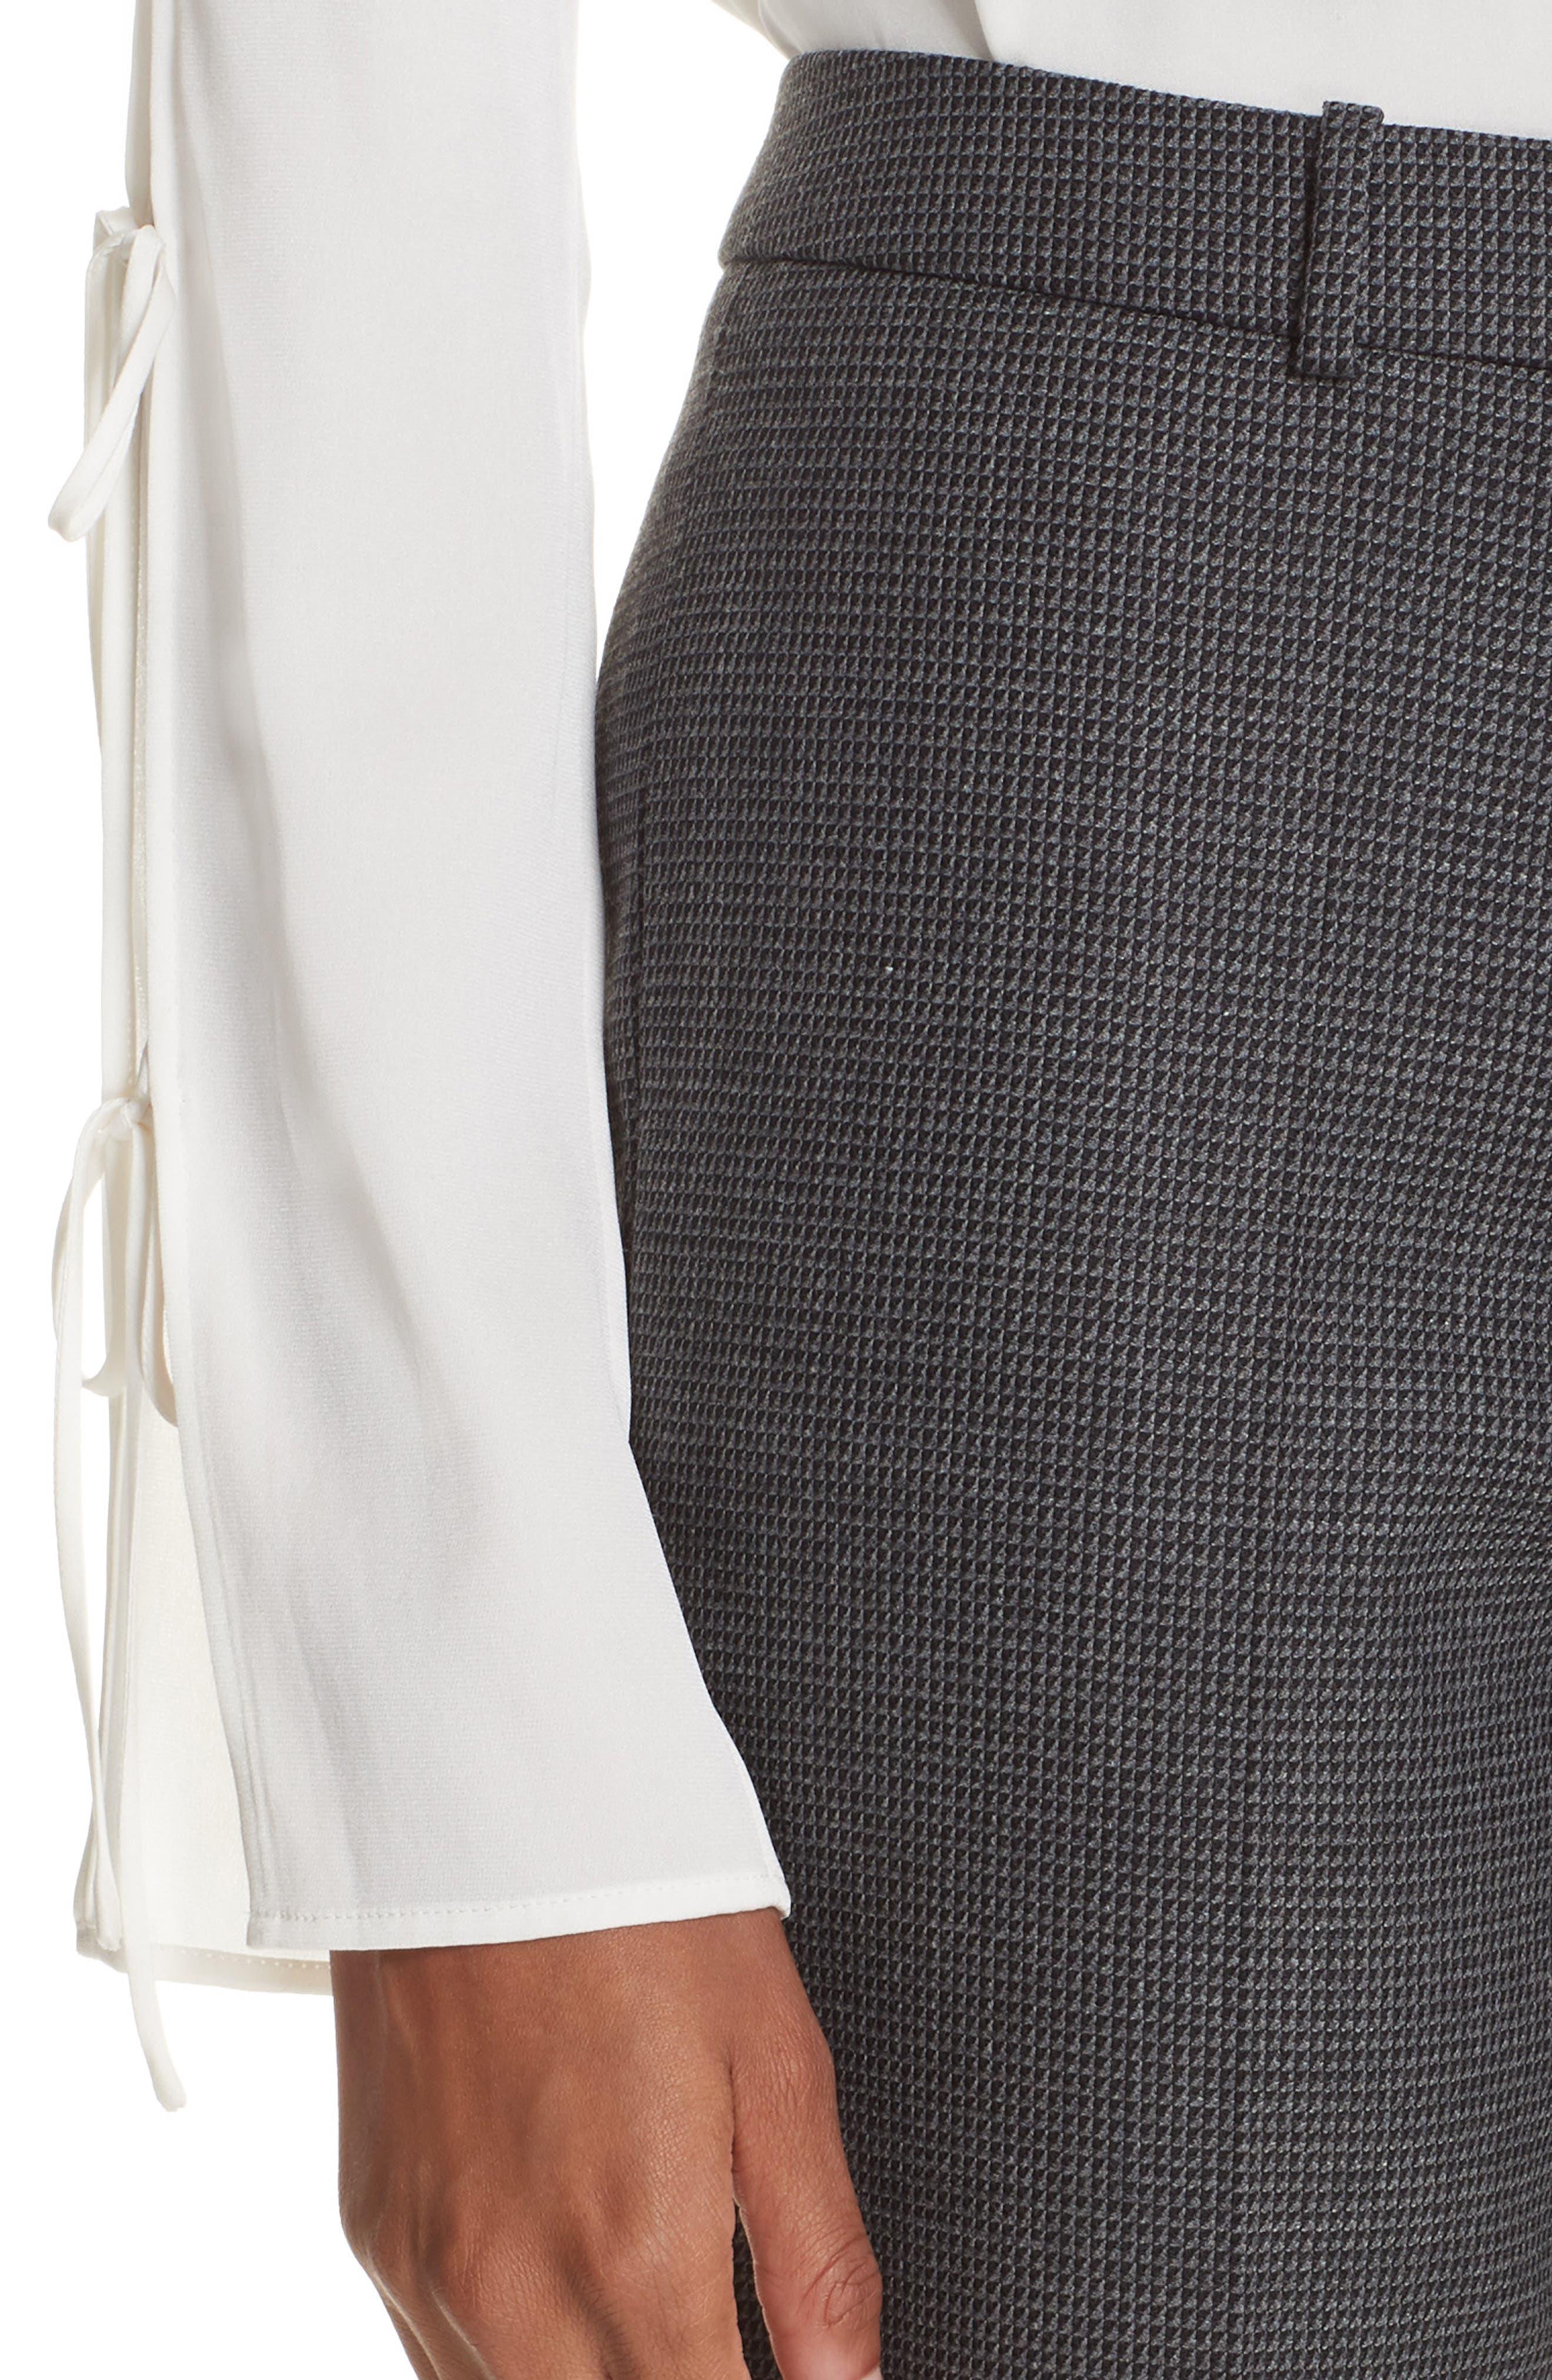 Tilunana Pinstripe Suit Trousers,                             Alternate thumbnail 4, color,                             020